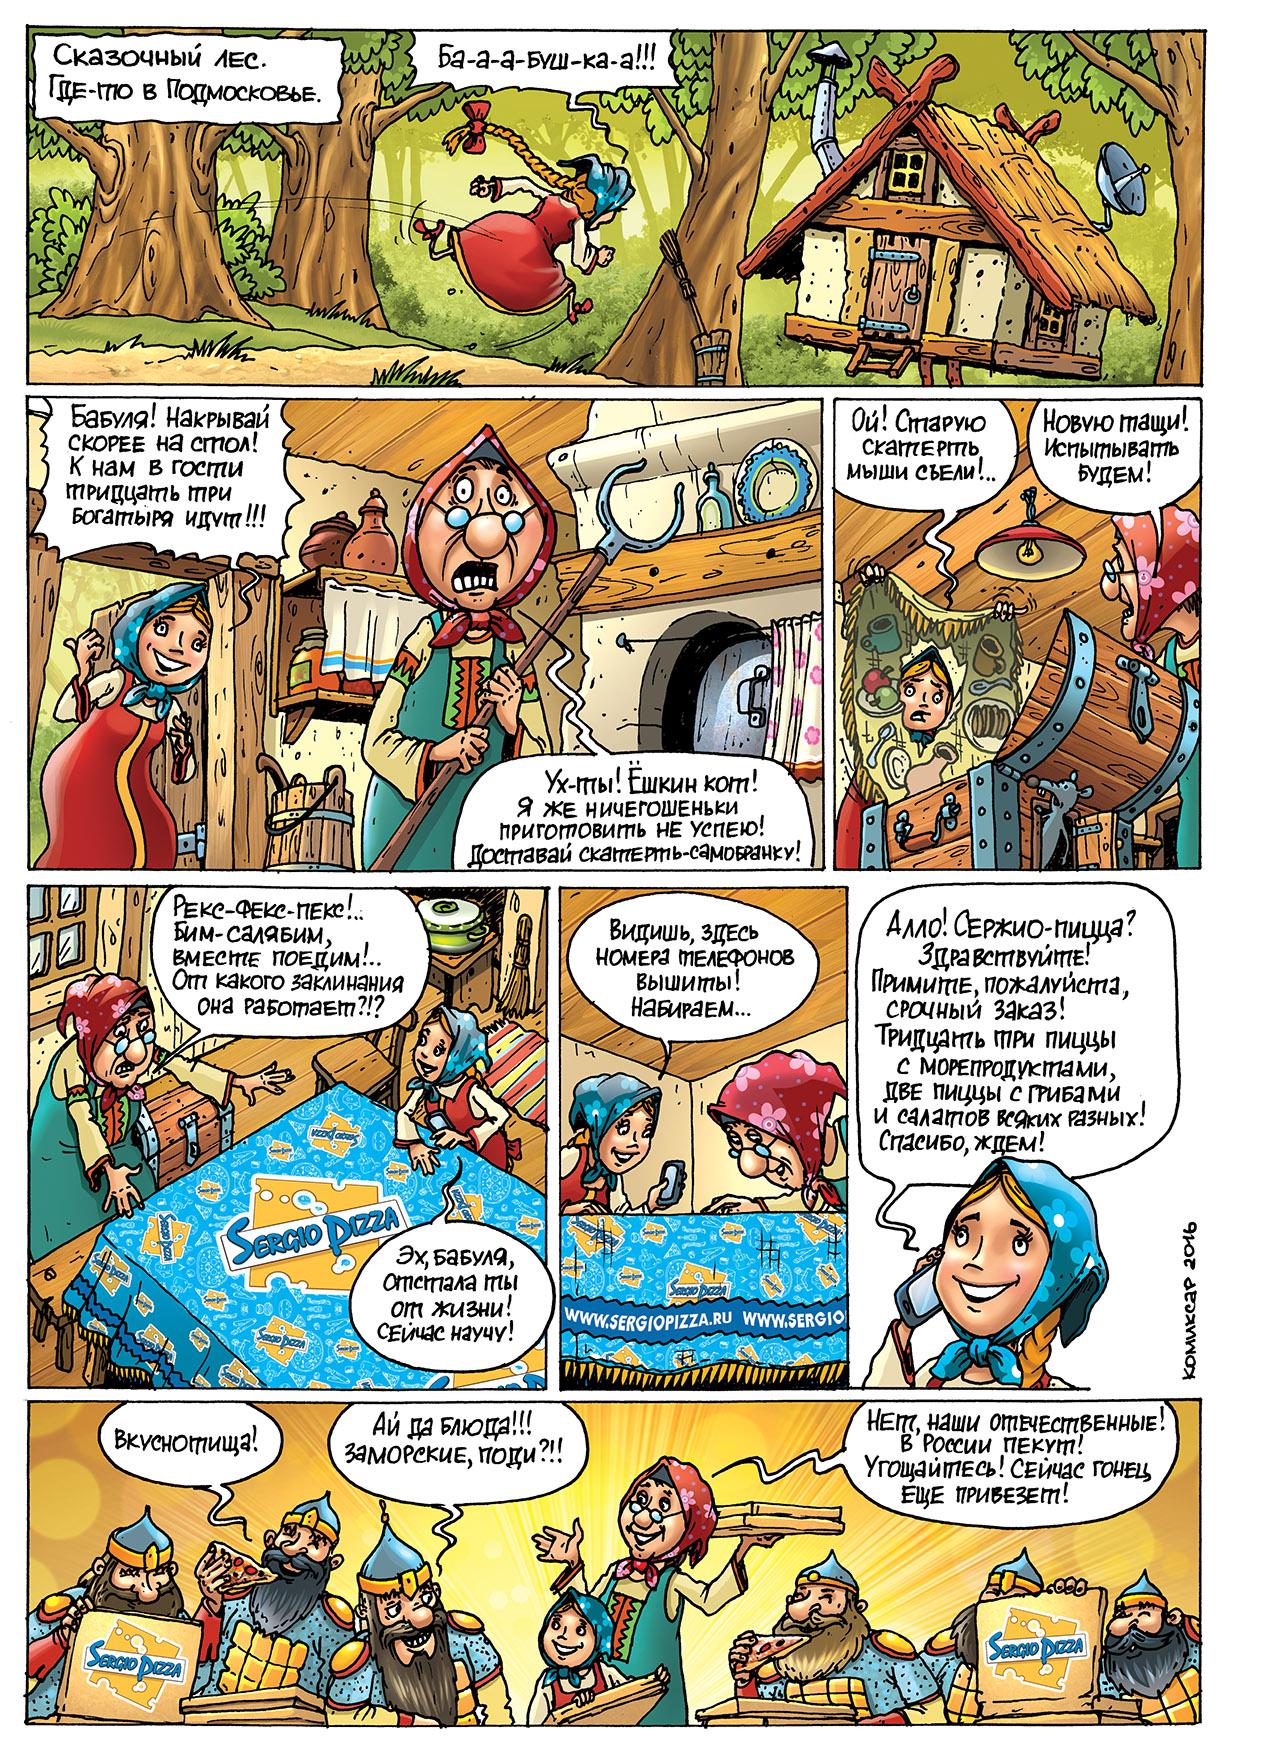 Рекламный комикс-очень смешной